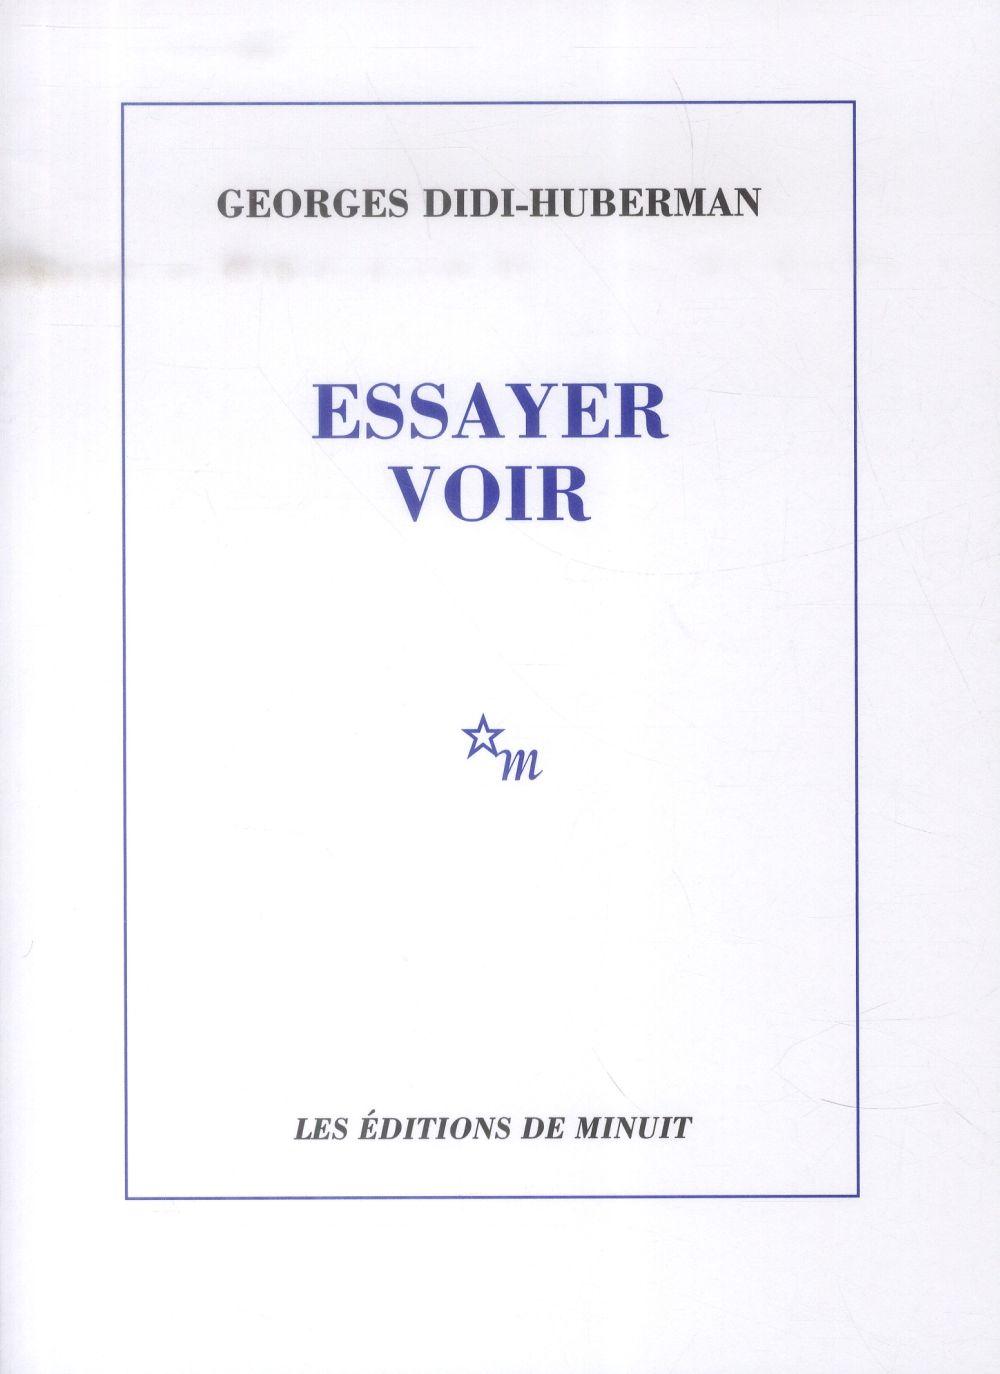 ESSAYER VOIR